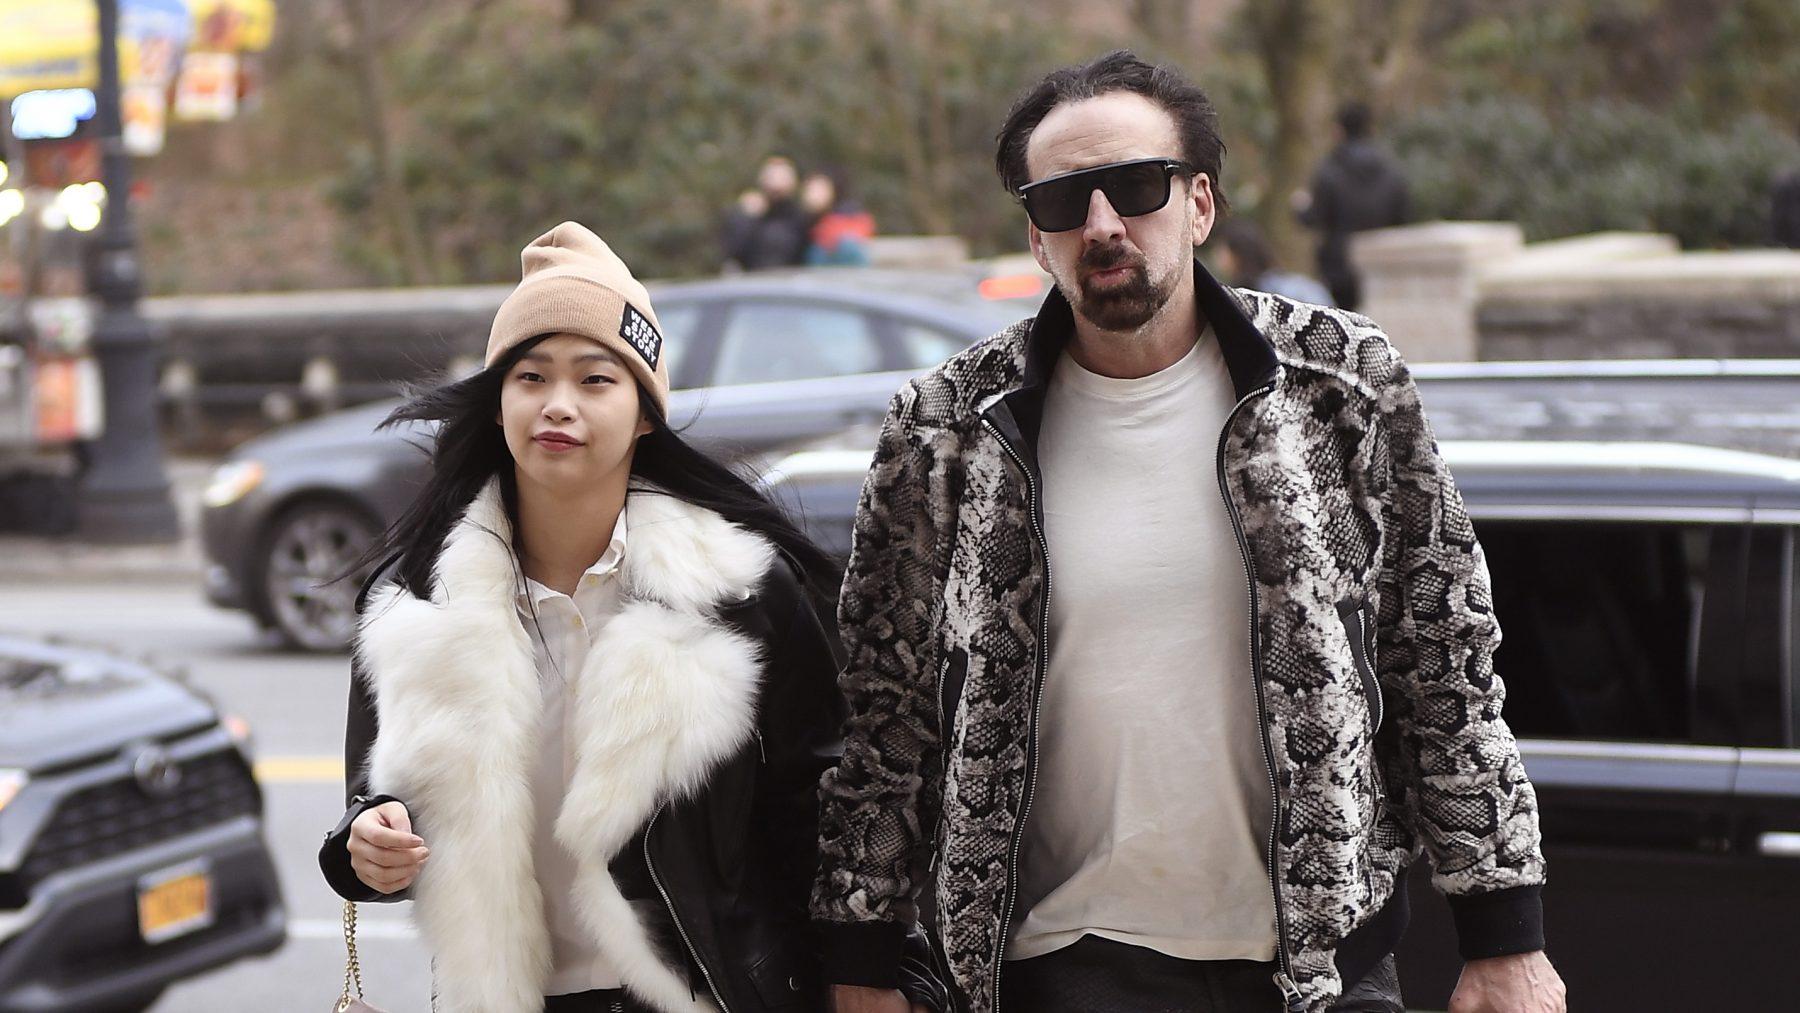 Nicolas Cage (57) begint in Las Vegas met Riko (26) aan zijn vijfde huwelijk